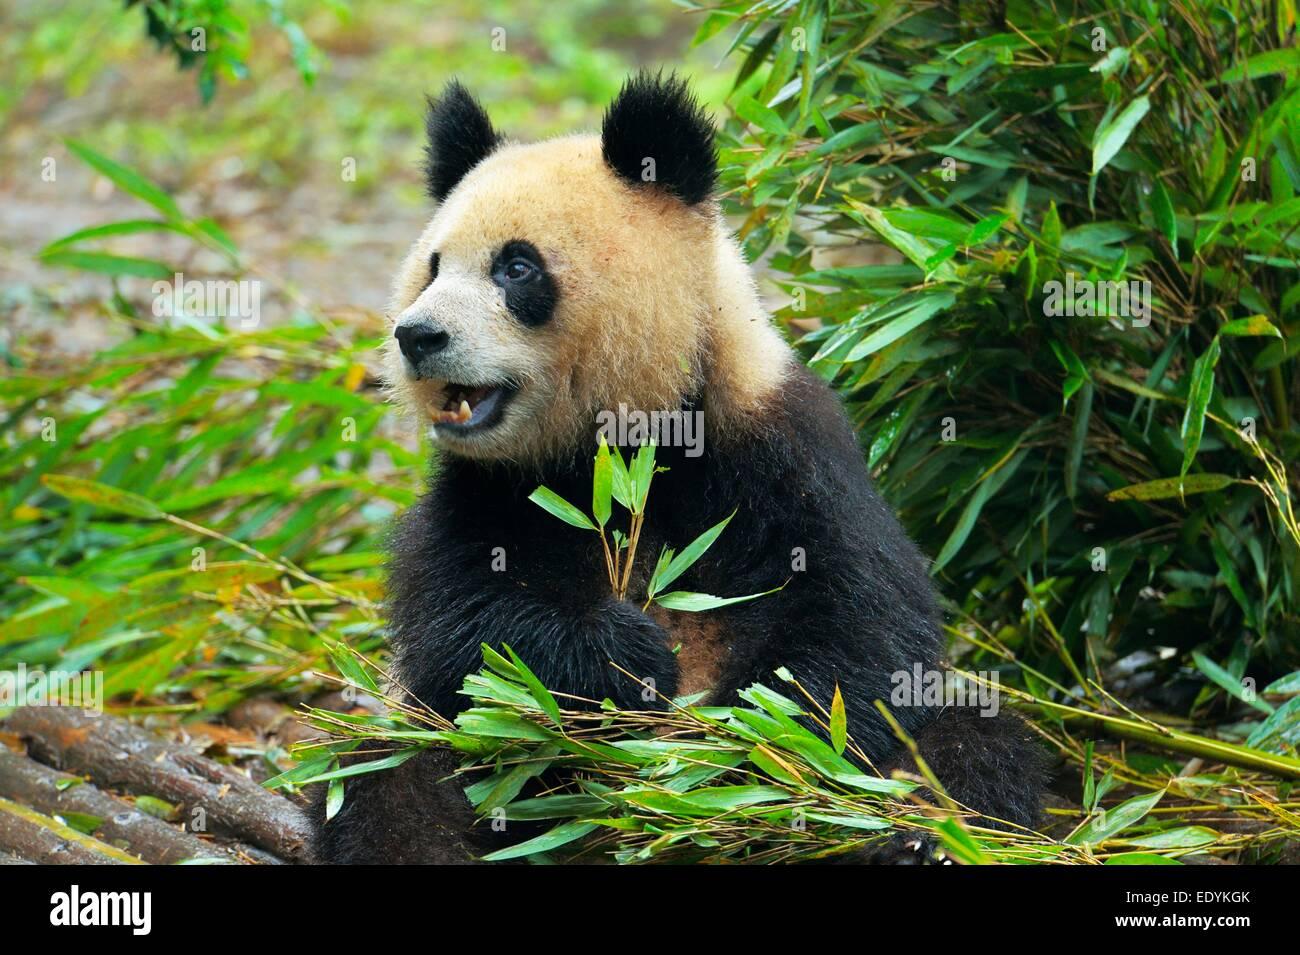 Giant Panda (Ailuropoda melanoleuca) feeding on bamboo leaves, captive, Chengdu Research Base of Giant Panda Breeding - Stock Image